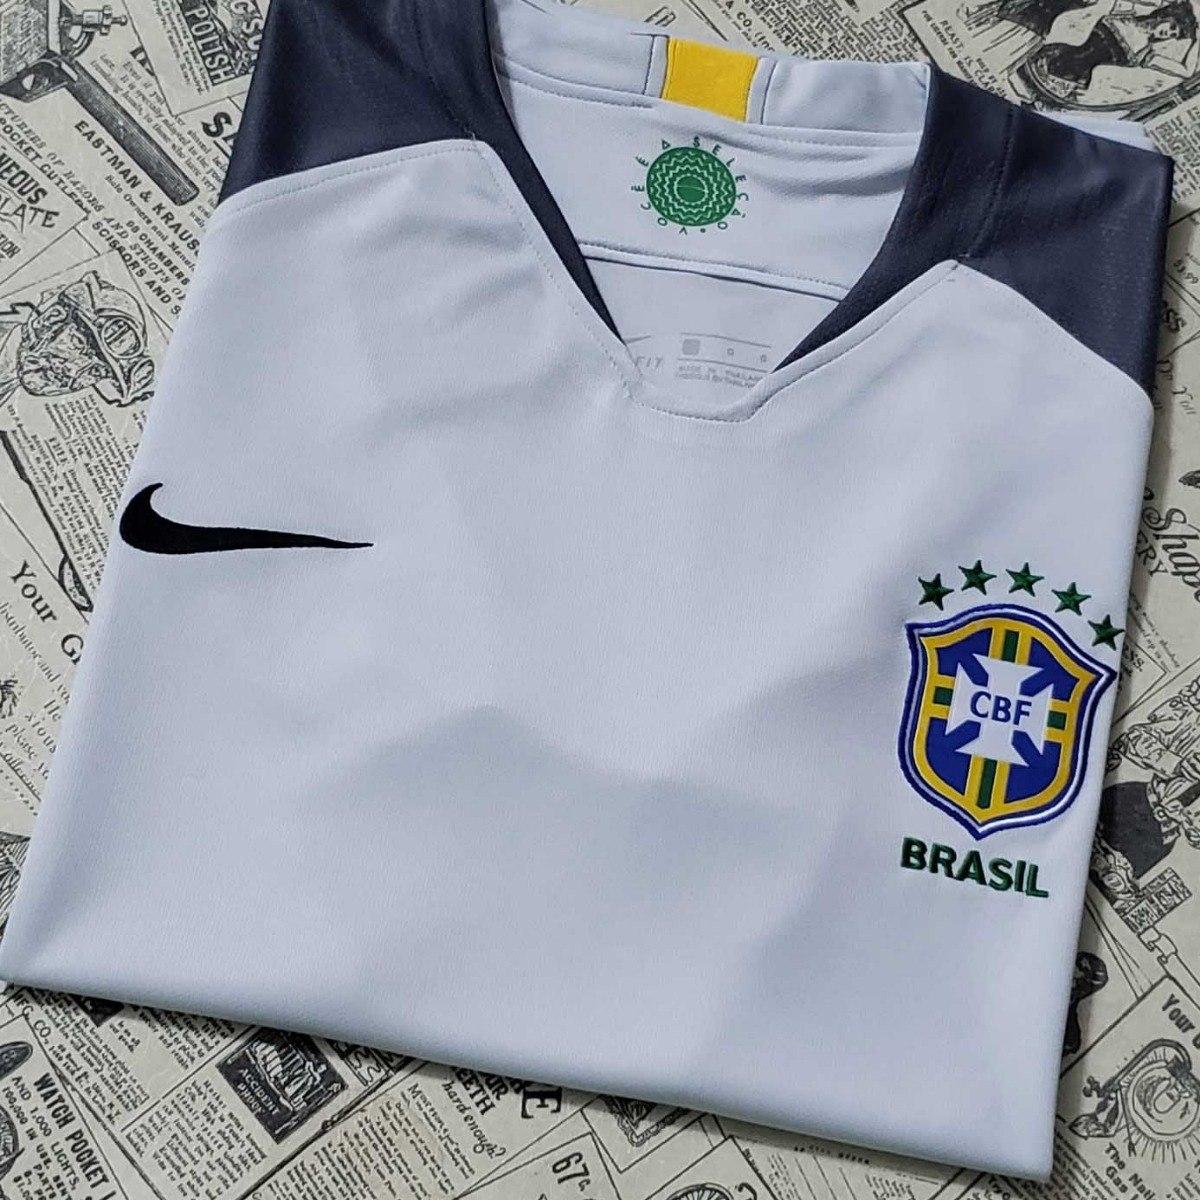 d5862dc6c5 camisa blusa goleiro futebol seleção brasil 2018 adulto. Carregando zoom...  camisa futebol seleção. Carregando zoom.